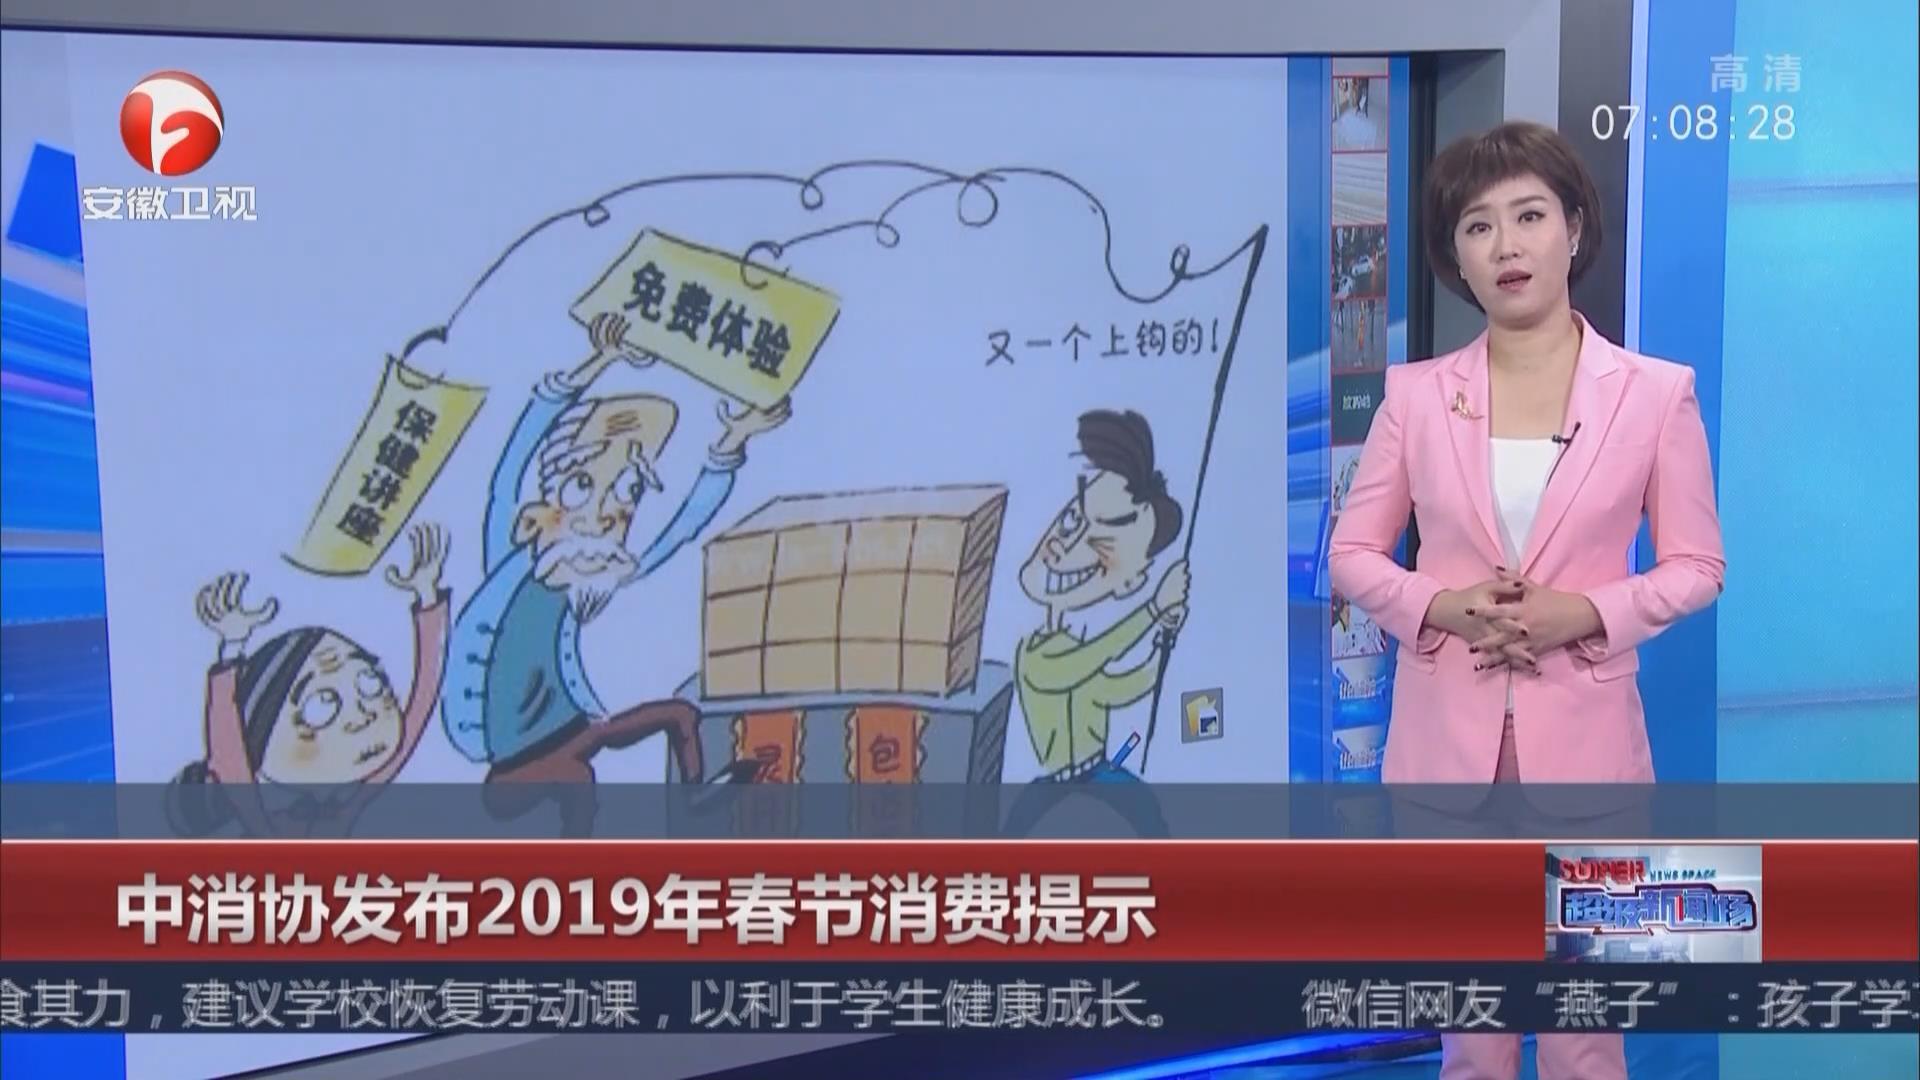 中消協發布2019春節消費提示